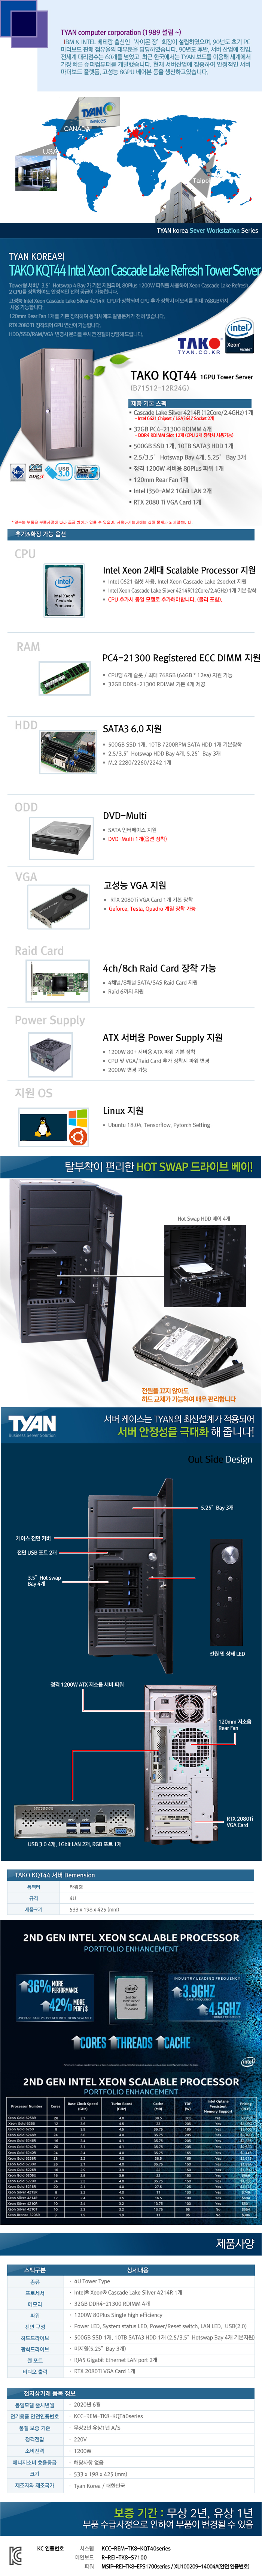 TYAN TAKO-KQT44-(B71S12-12R24G)-1GPU (128GB, SSD 500GB + 10TB)